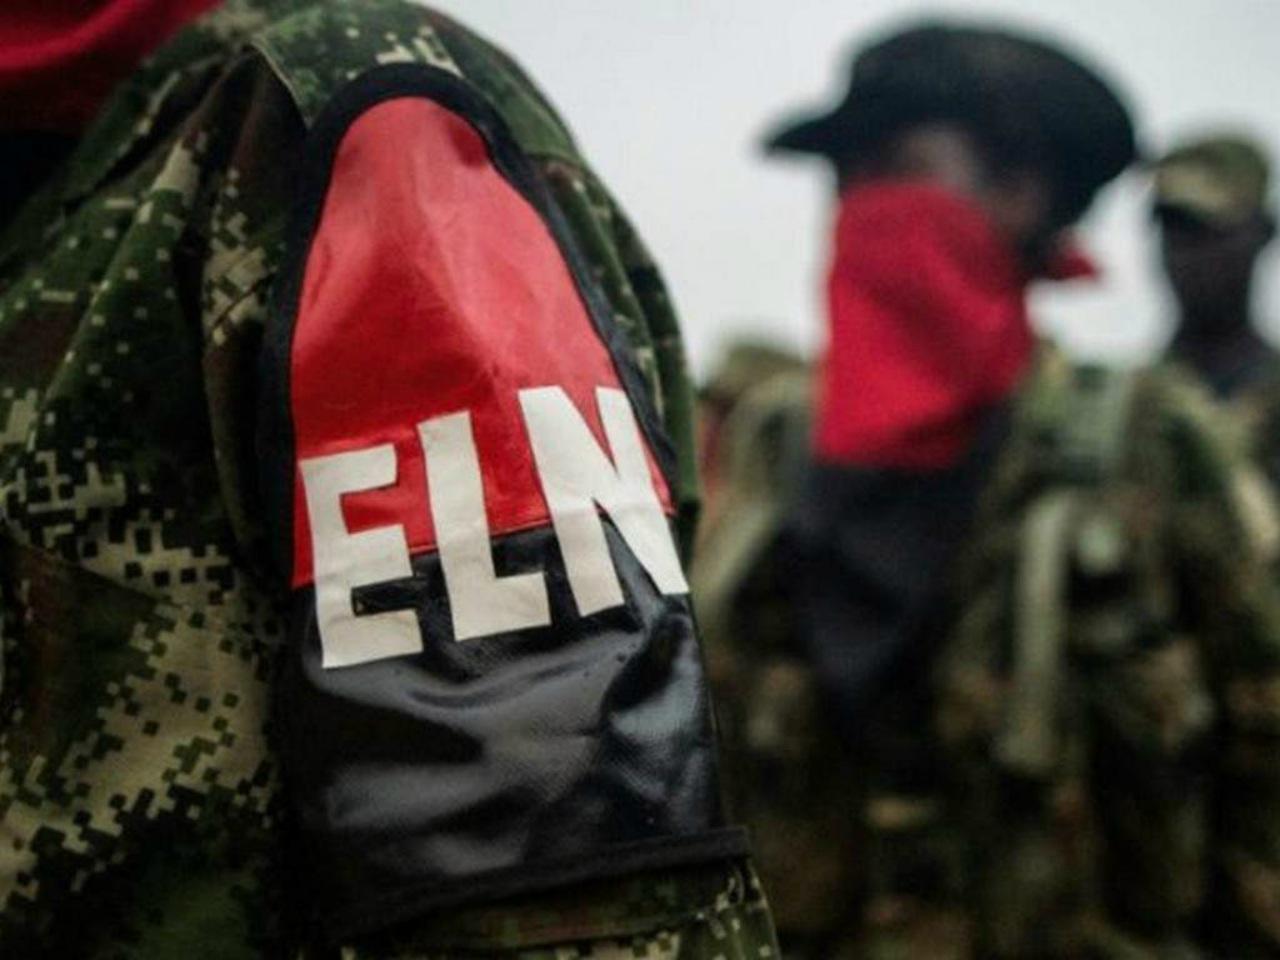 El grupo armado publicó un comunicado en el que reitera su disposición de mantener buenas relaciones con el Gobierno de ese país